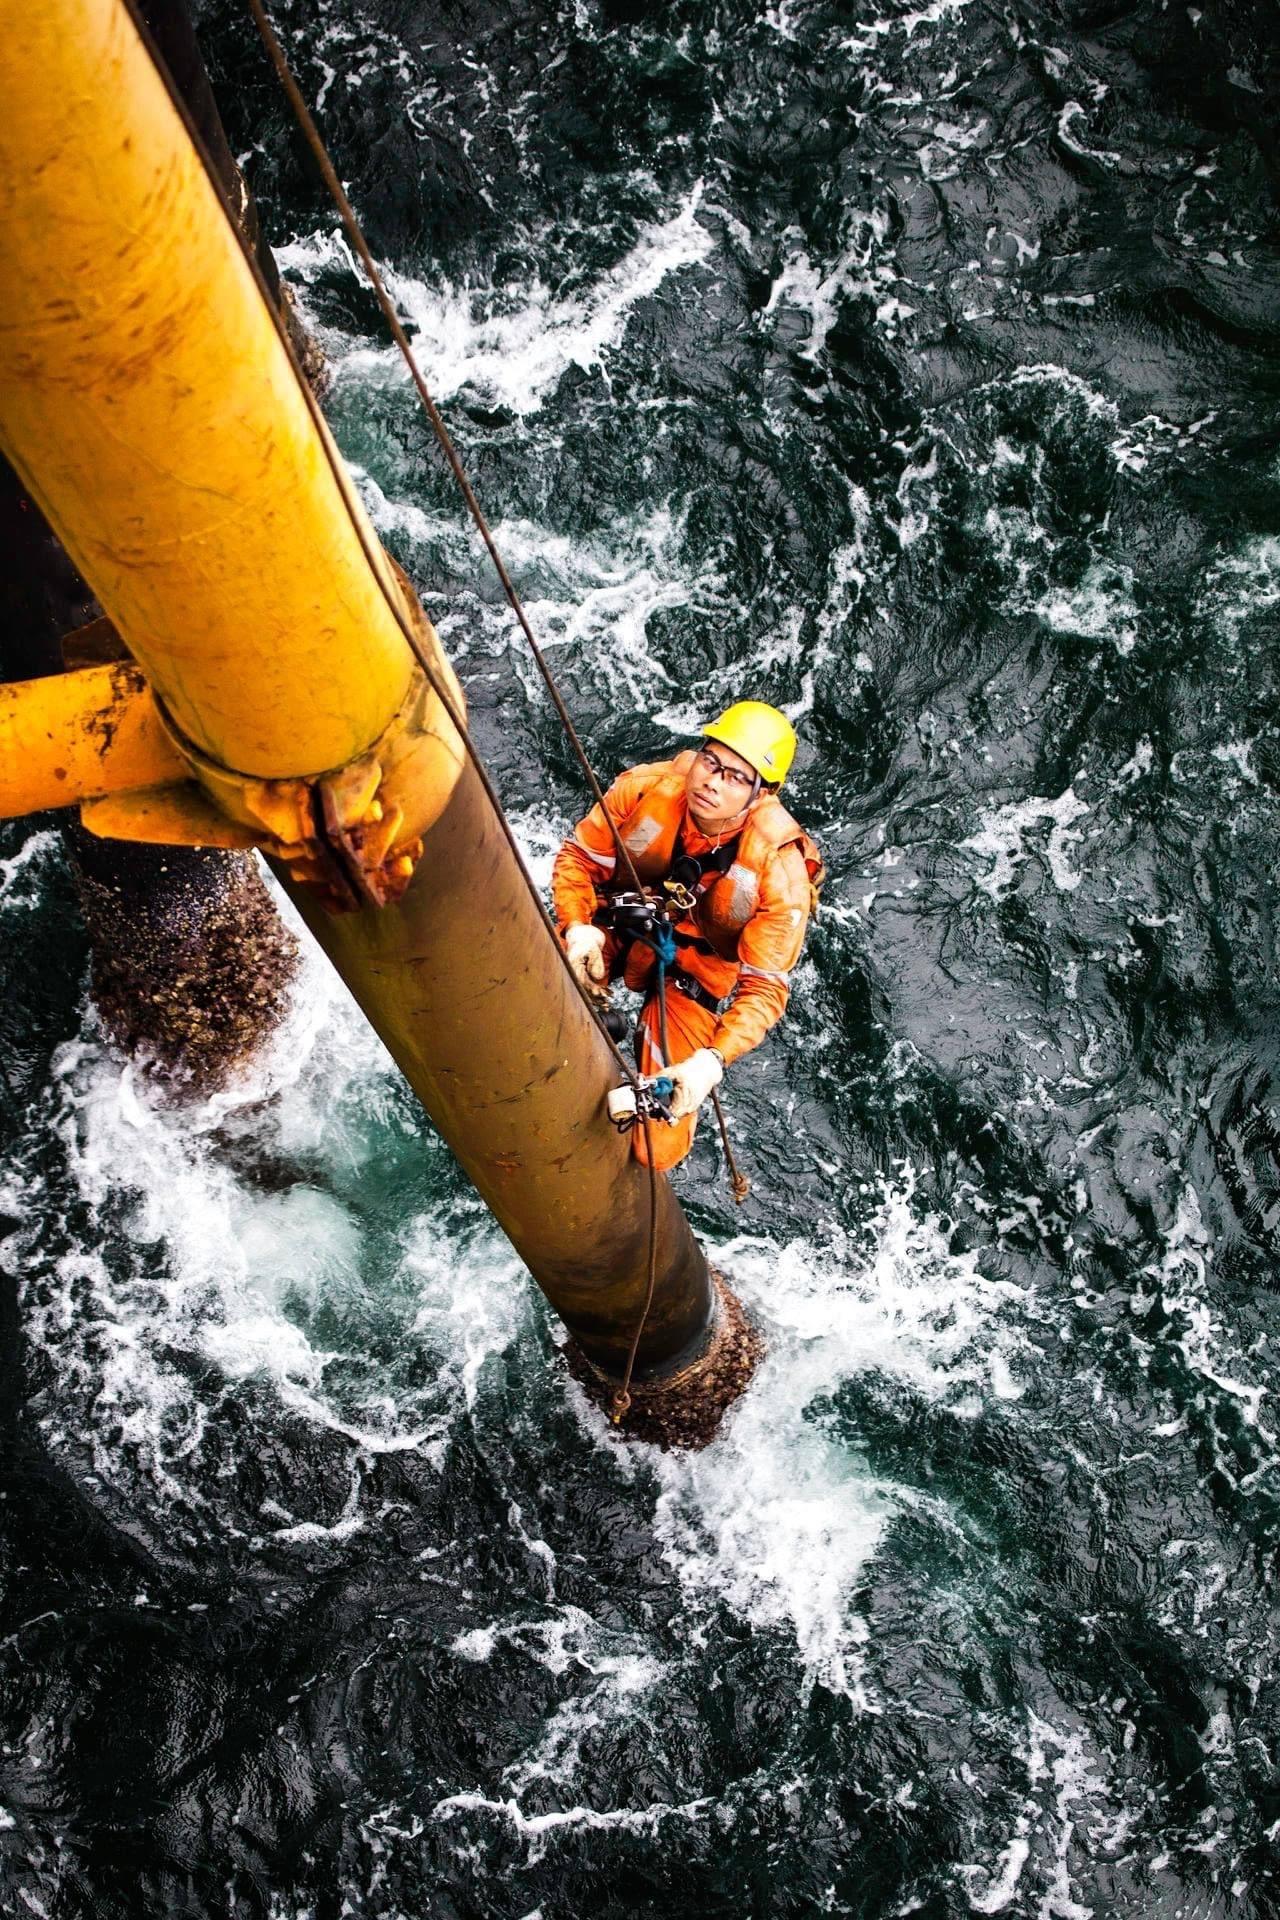 Dự báo giá dầu: dầu giao động ở biên độ rộng